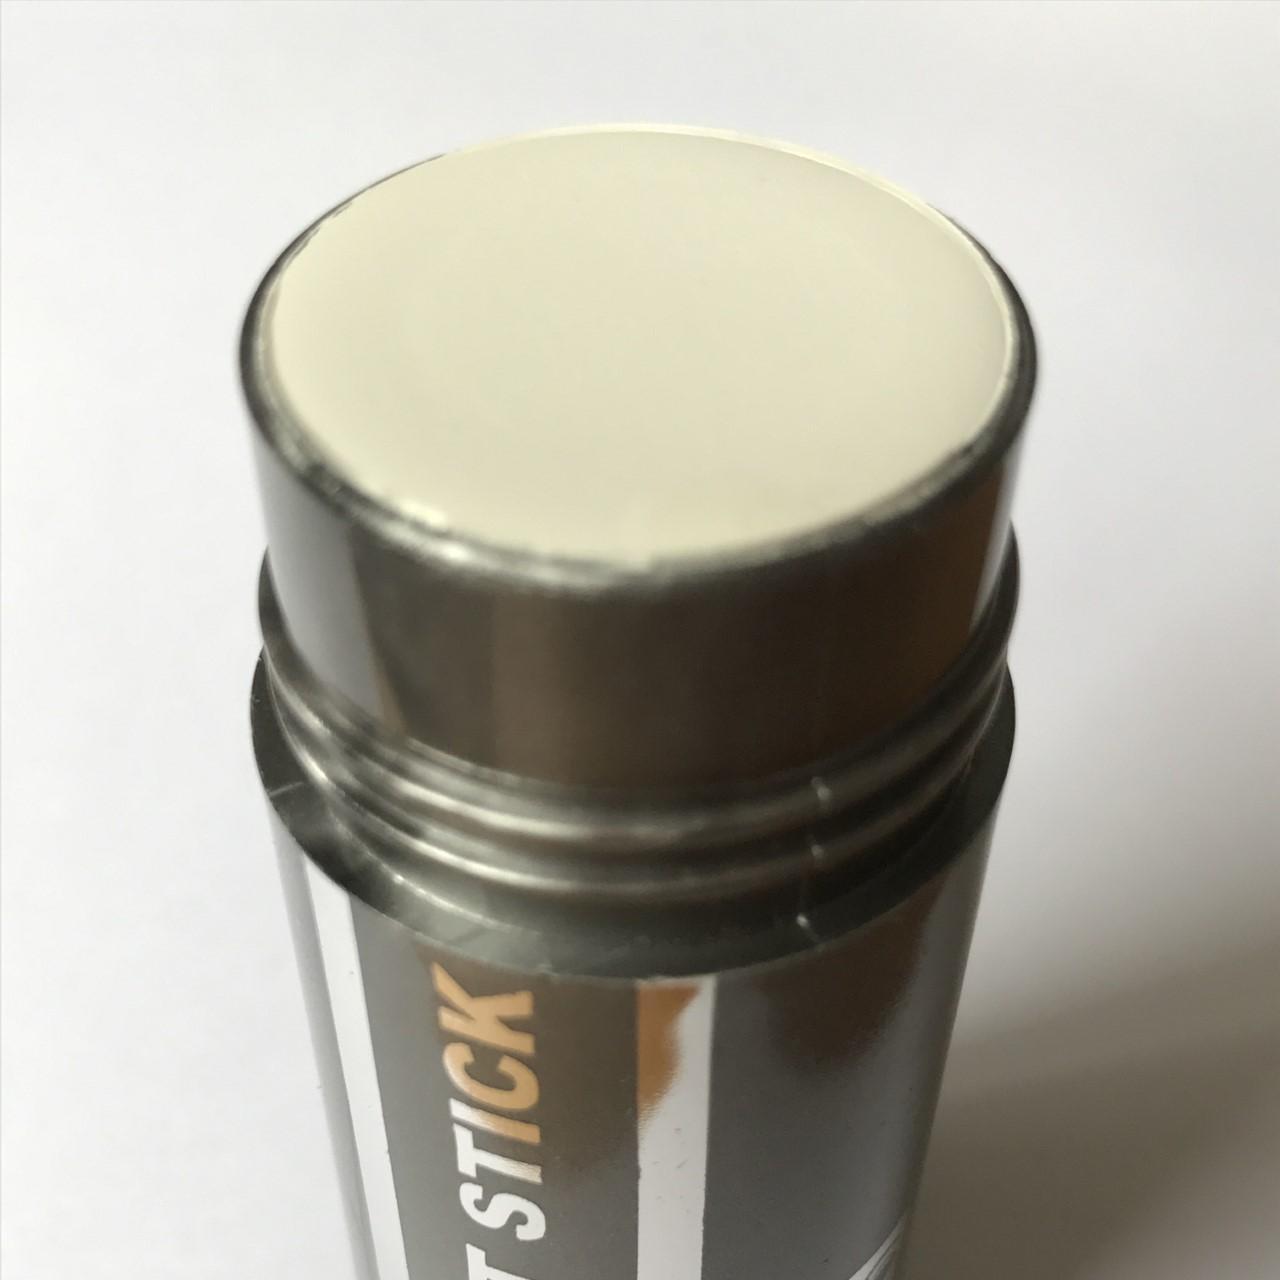 Maquillage kryolan paint stick 5047 w70 blanc